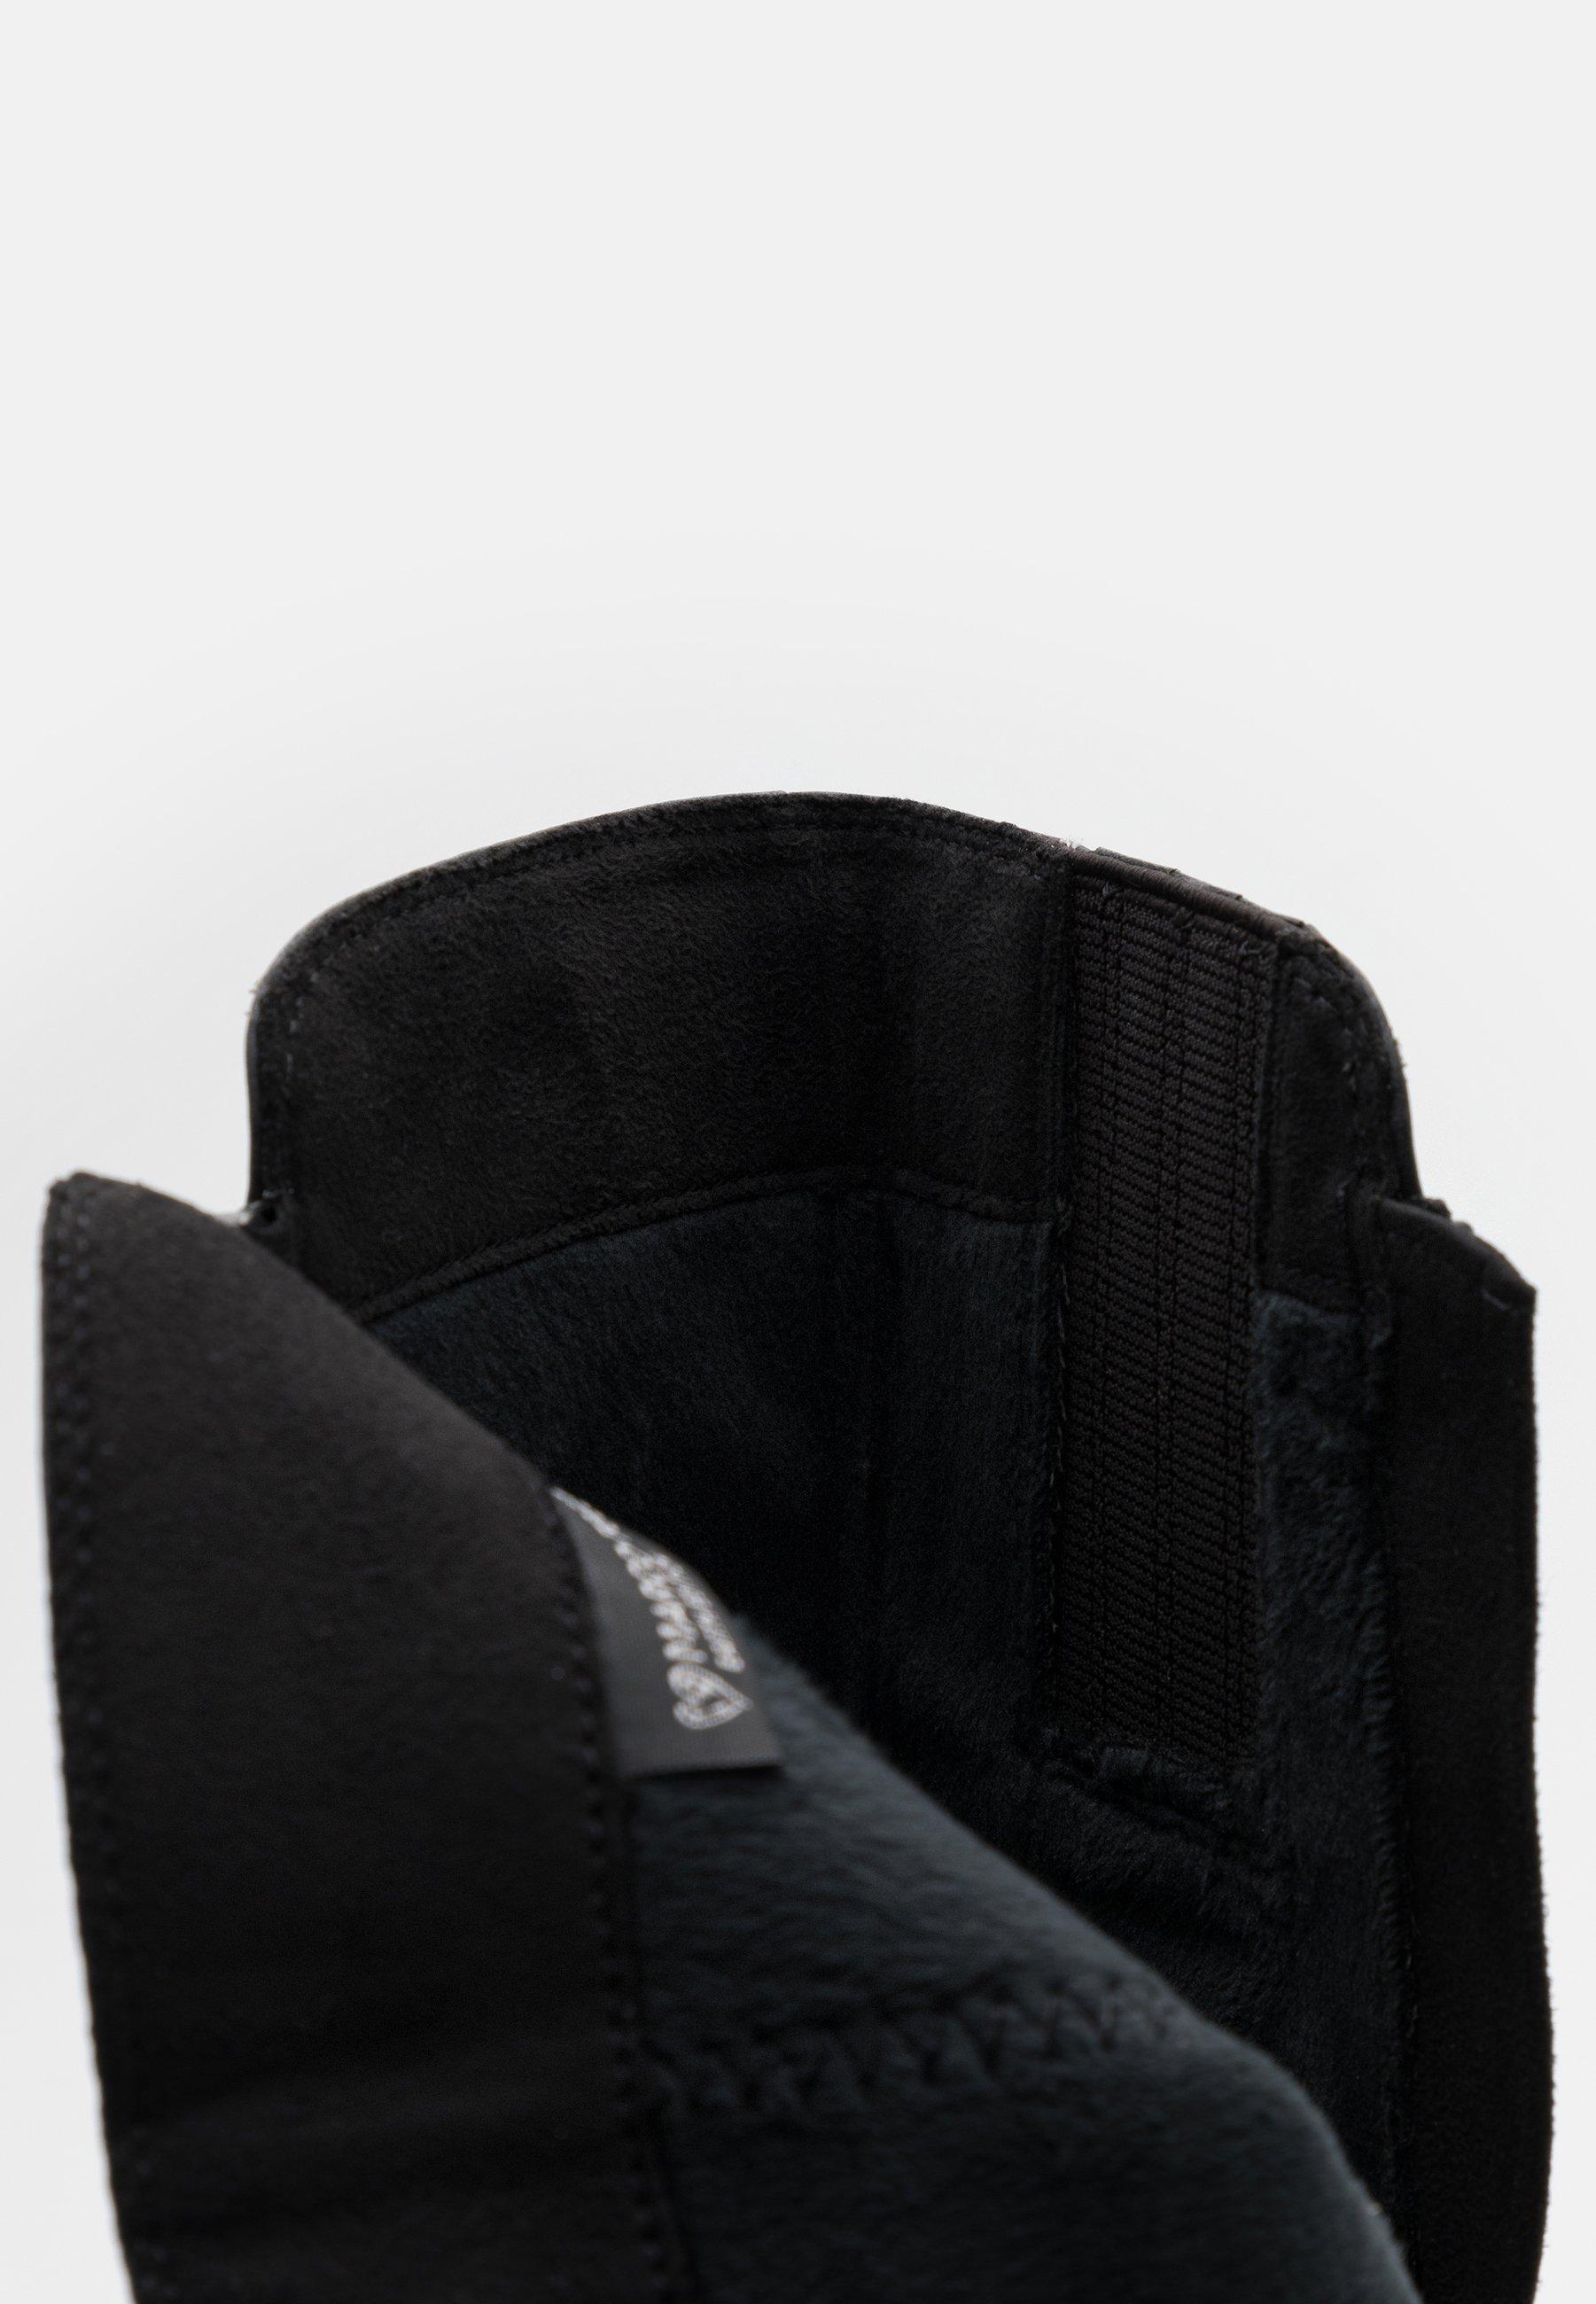 BOOTS Platåstövlar black antic